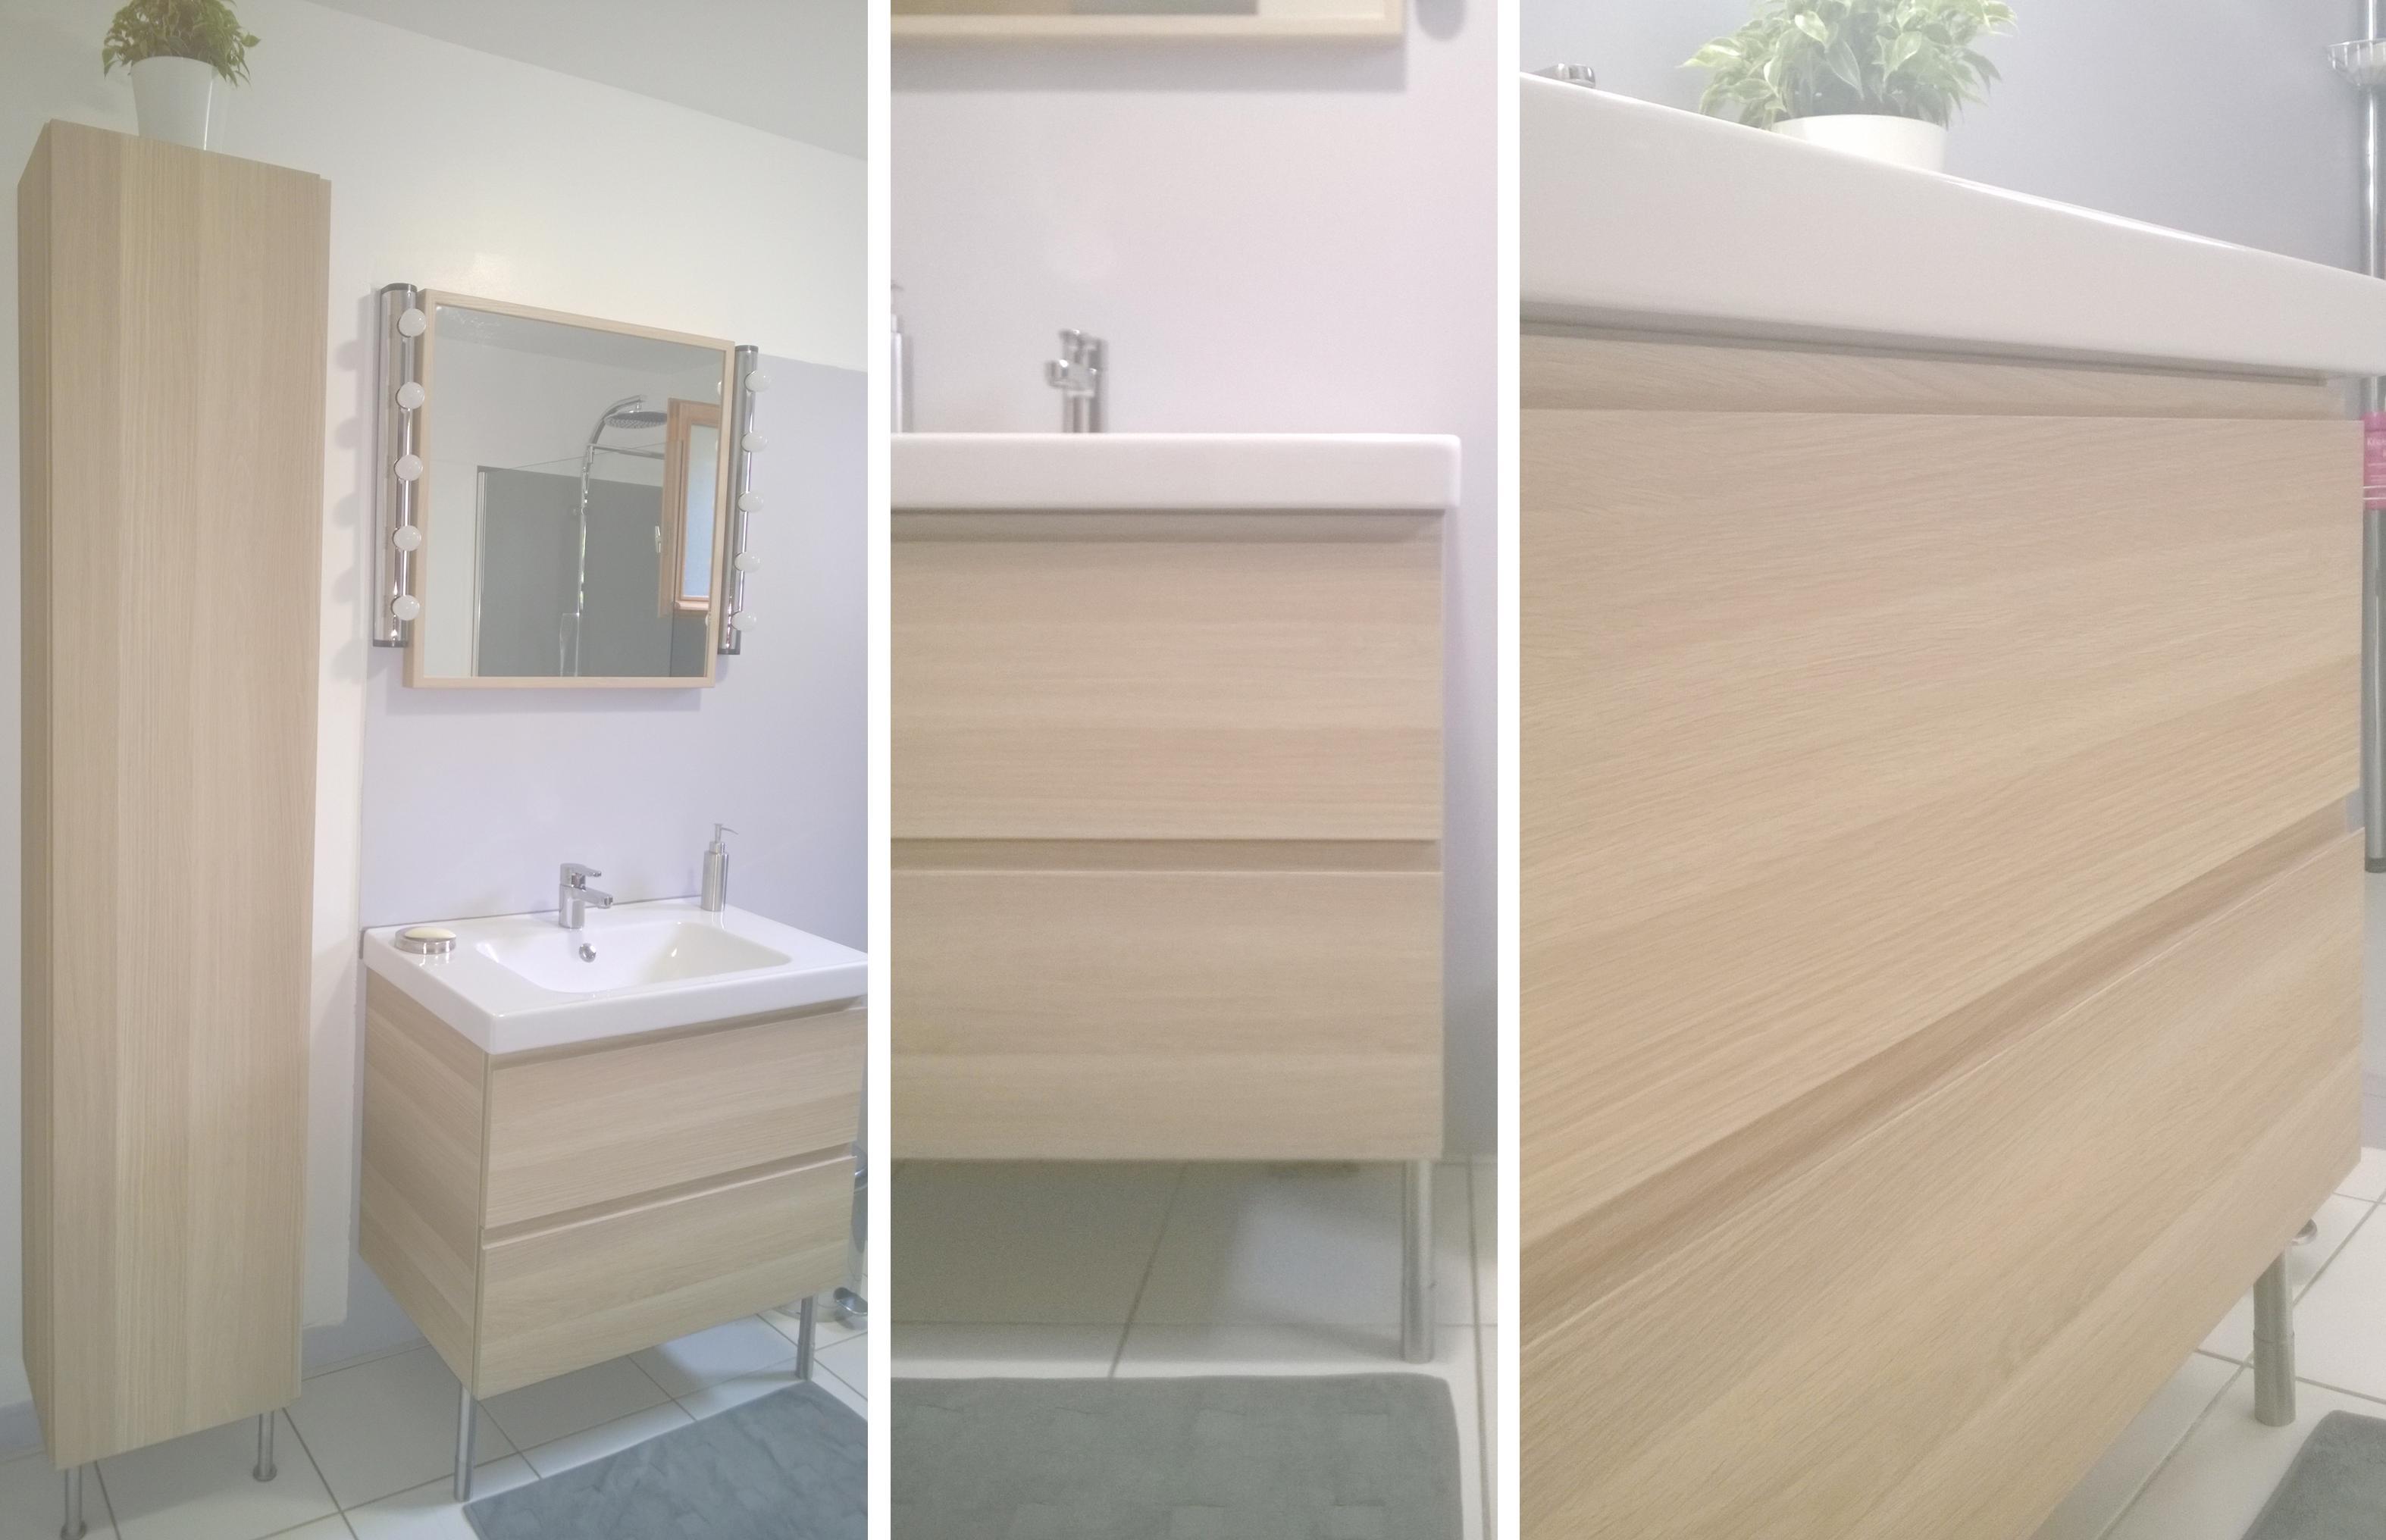 Carrelage Sol Salle De Bain Gris Anthracite salle de bain : rénovation en gris, blanc et bois